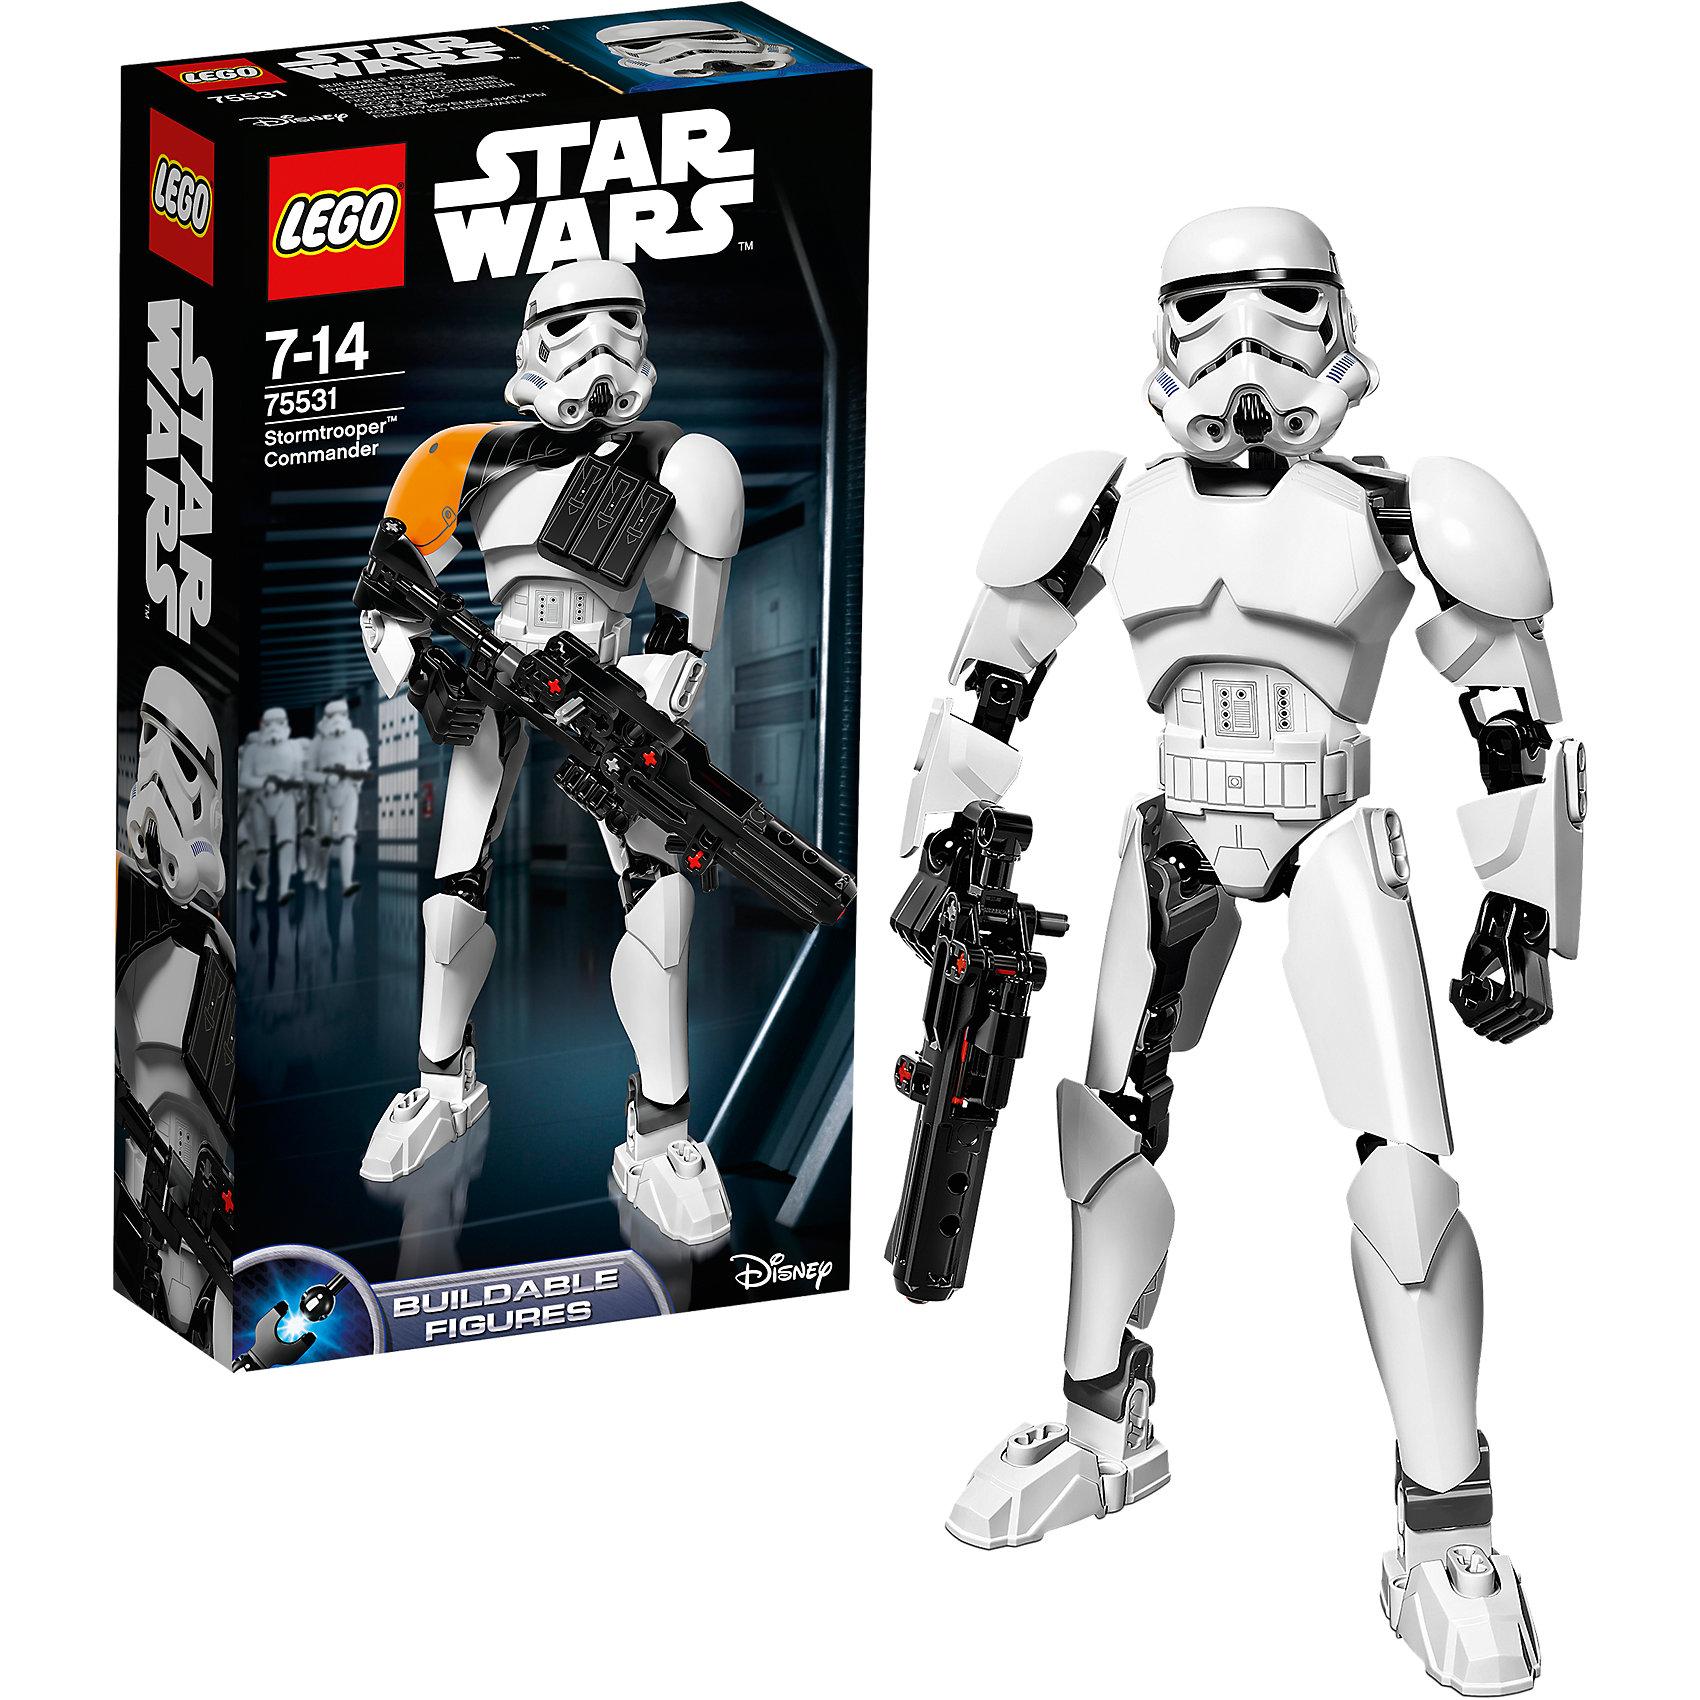 LEGO Star Wars 75531: Командир штурмовиковПластмассовые конструкторы<br><br><br>Ширина мм: 141<br>Глубина мм: 262<br>Высота мм: 61<br>Вес г: 295<br>Возраст от месяцев: 84<br>Возраст до месяцев: 168<br>Пол: Мужской<br>Возраст: Детский<br>SKU: 5619970